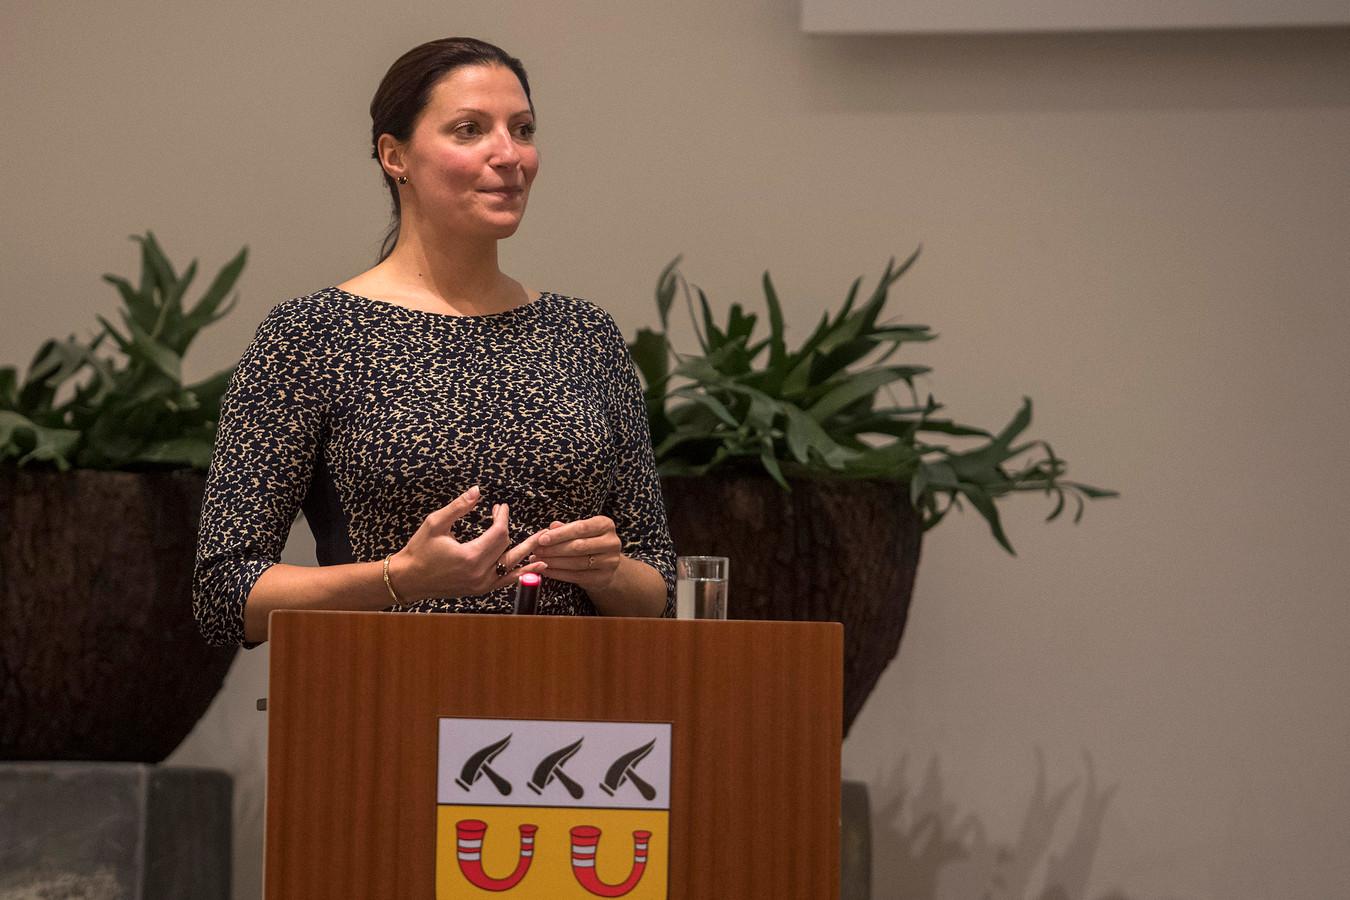 Hanne van Aart is voorgedragen als de nieuwe burgemeester van Loon op Zand.